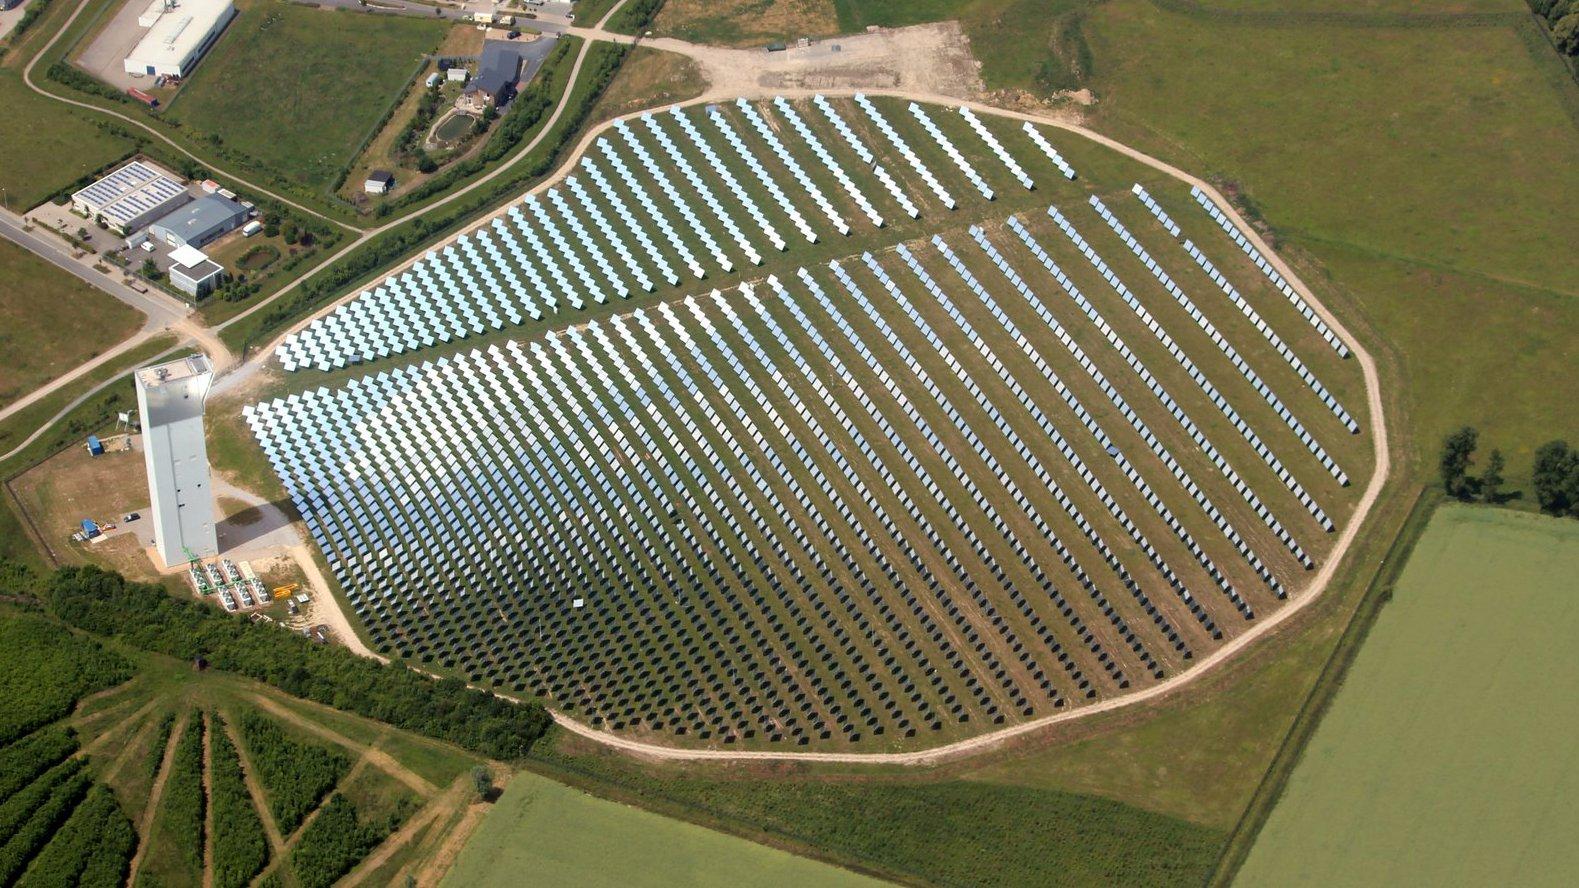 Solarturmanlage in der Nähe von Jülich am Niederrhein:2153 bewegliche Spiegel (Heliostate) lenken die Sonnenstrahlen auf die Spitze des 60 Meter hohen Turms. Das Kraftwerk im Rheinland erreicht eine Spitzenleistung von 1,5 Megawatt.